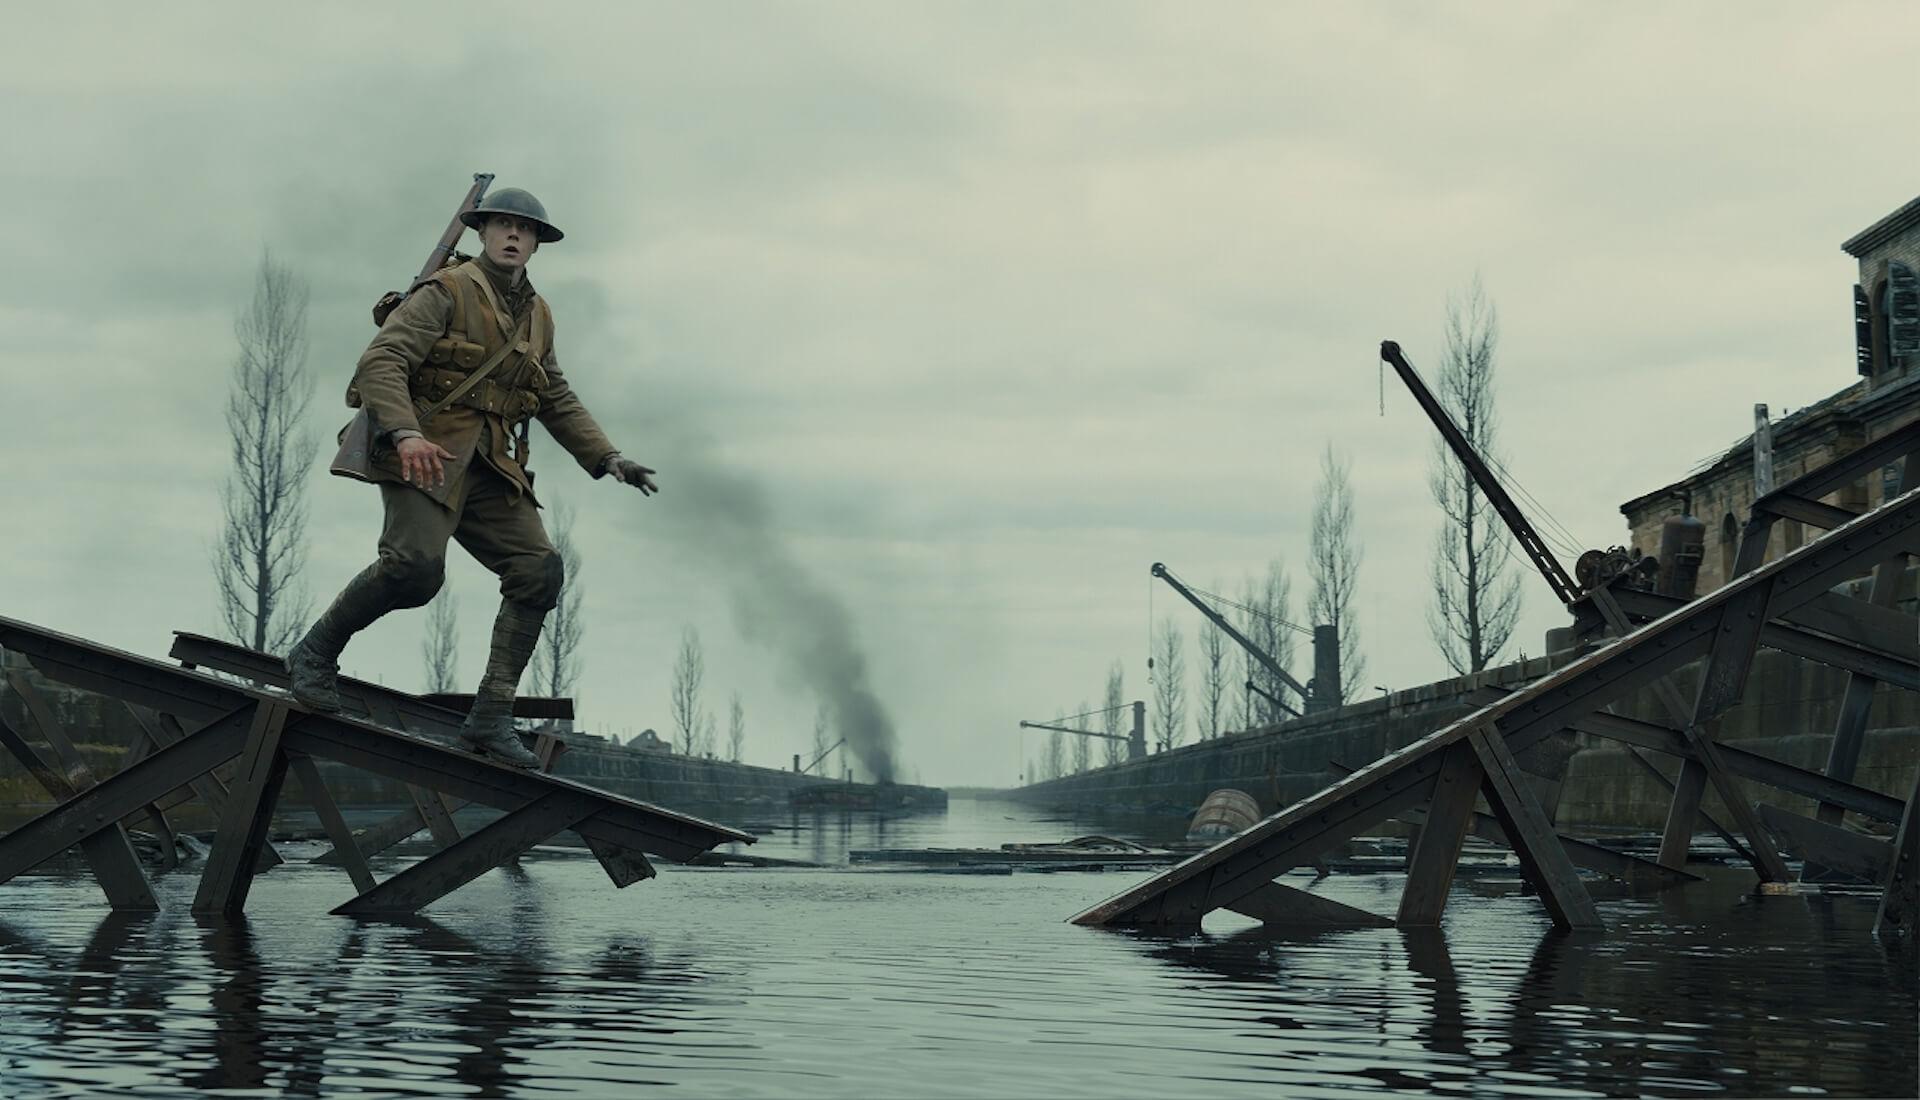 『1917 命をかけた伝令』でアカデミー賞を受賞したロジャー・ディーキンスと監督サム・メンデスが語るワンカット撮影のこだわりとは? film200220_1917maiking_13